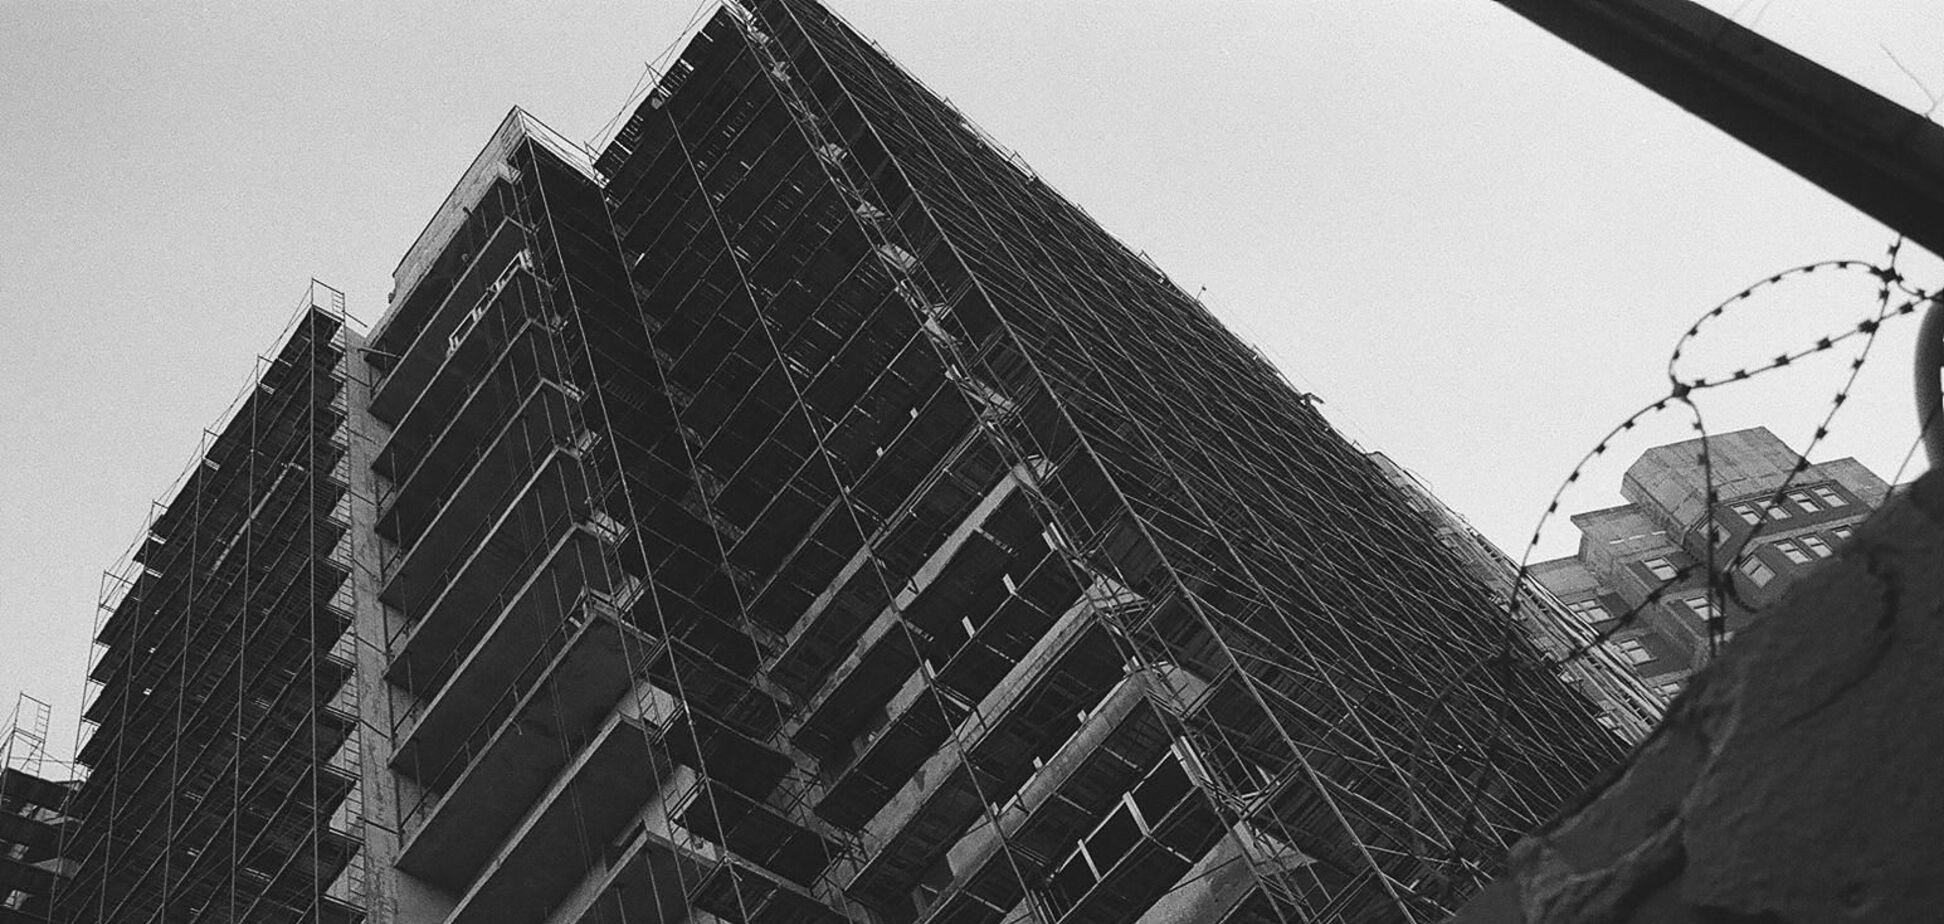 Реформа ГАСИ сейчас только тормозит развитие строительства – Парцхаладзе